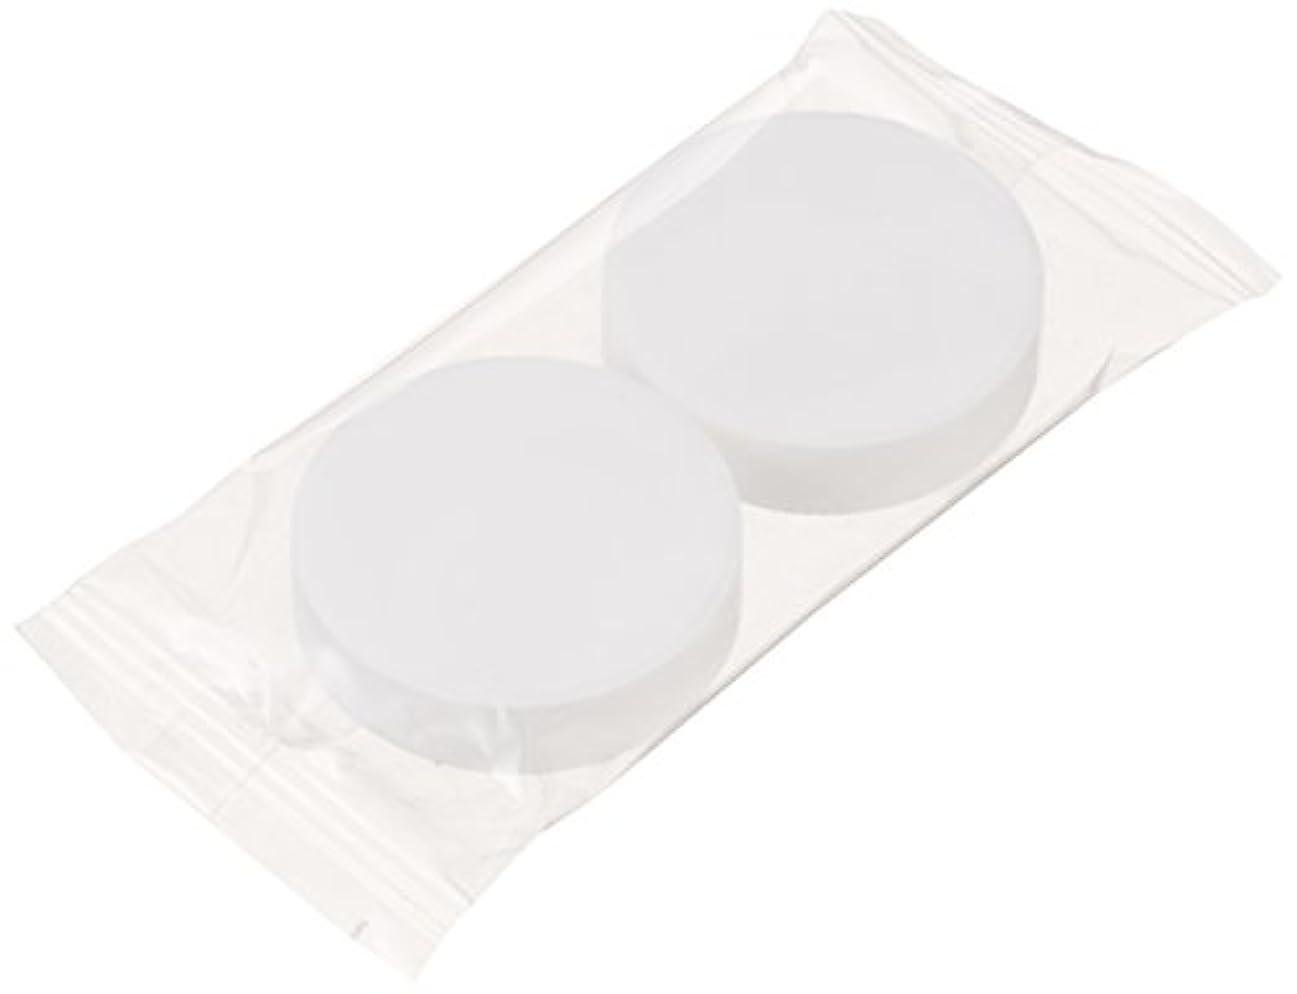 激しい分類する元気な重炭酸SPA 16g×36錠入 3箱セット